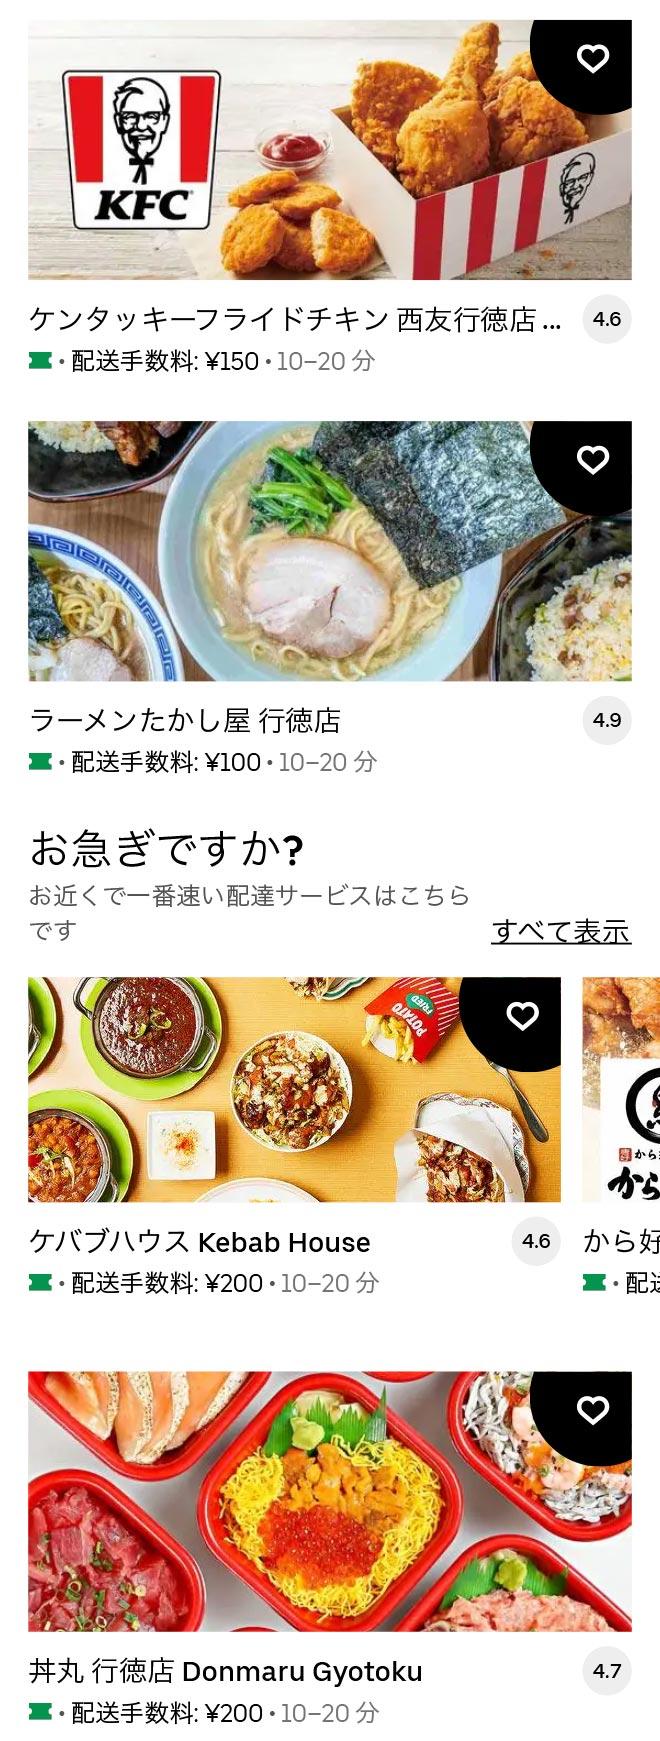 U gyotoku 2105 02